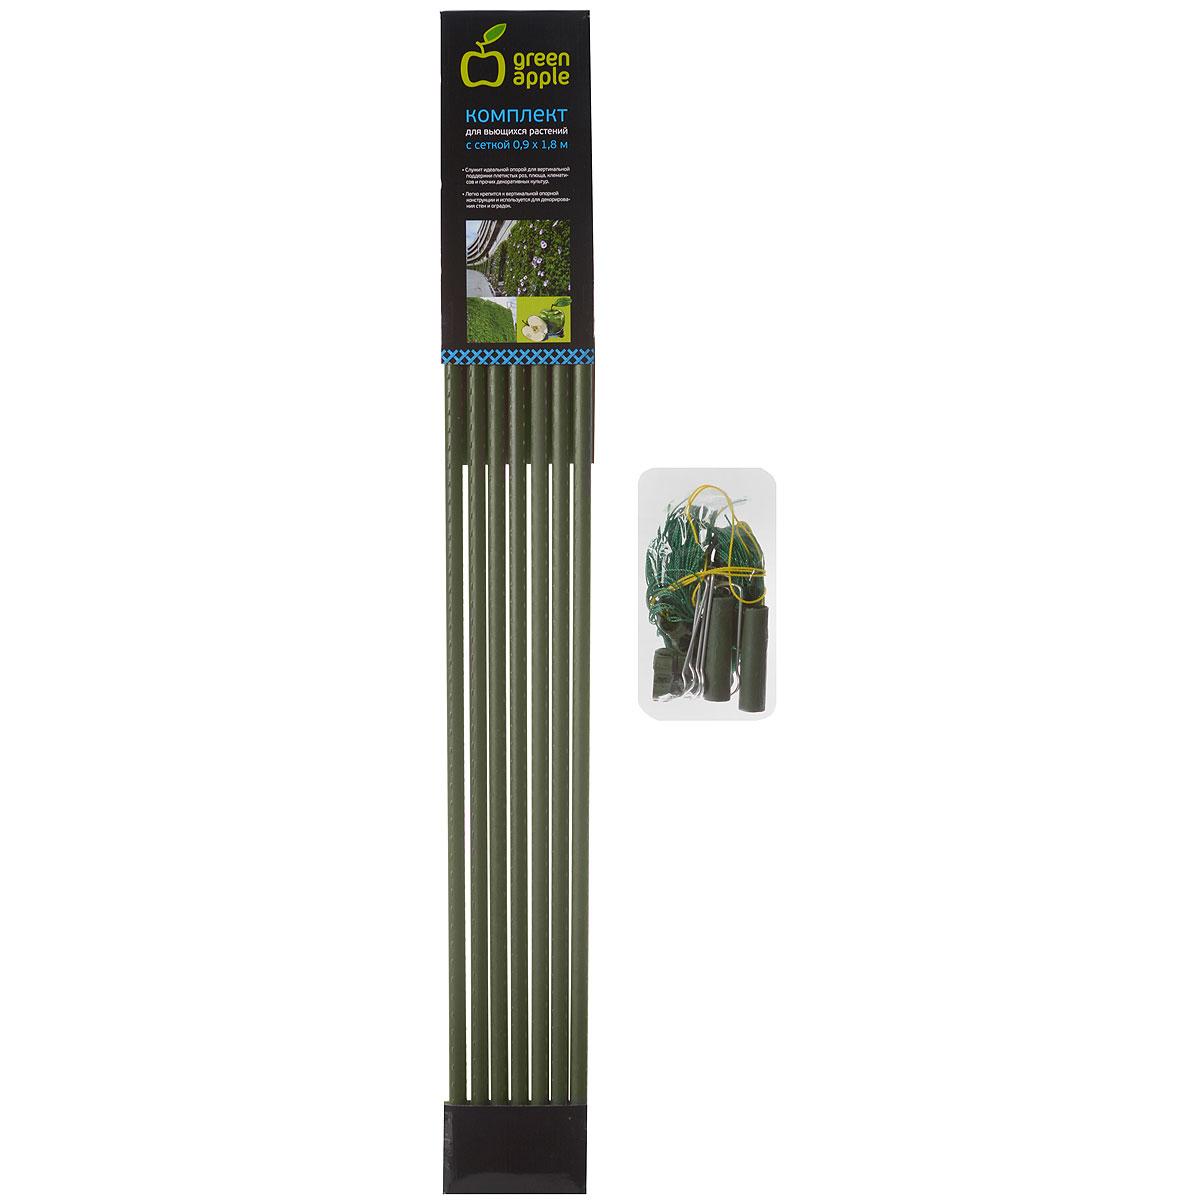 Комплект для вьющихся растений Green Apple GLSCL-2, сборный, с сеткой 0,9 х 1,8 мGLSCL-2Комплект для вьющихся растений служит идеальной опорой для вертикальной поддержки плетистых роз, плюща, клематисов и прочих декоративных культур.Легко крепится к вертикальной опорной конструкции и используется для декорирования стен и оградок.